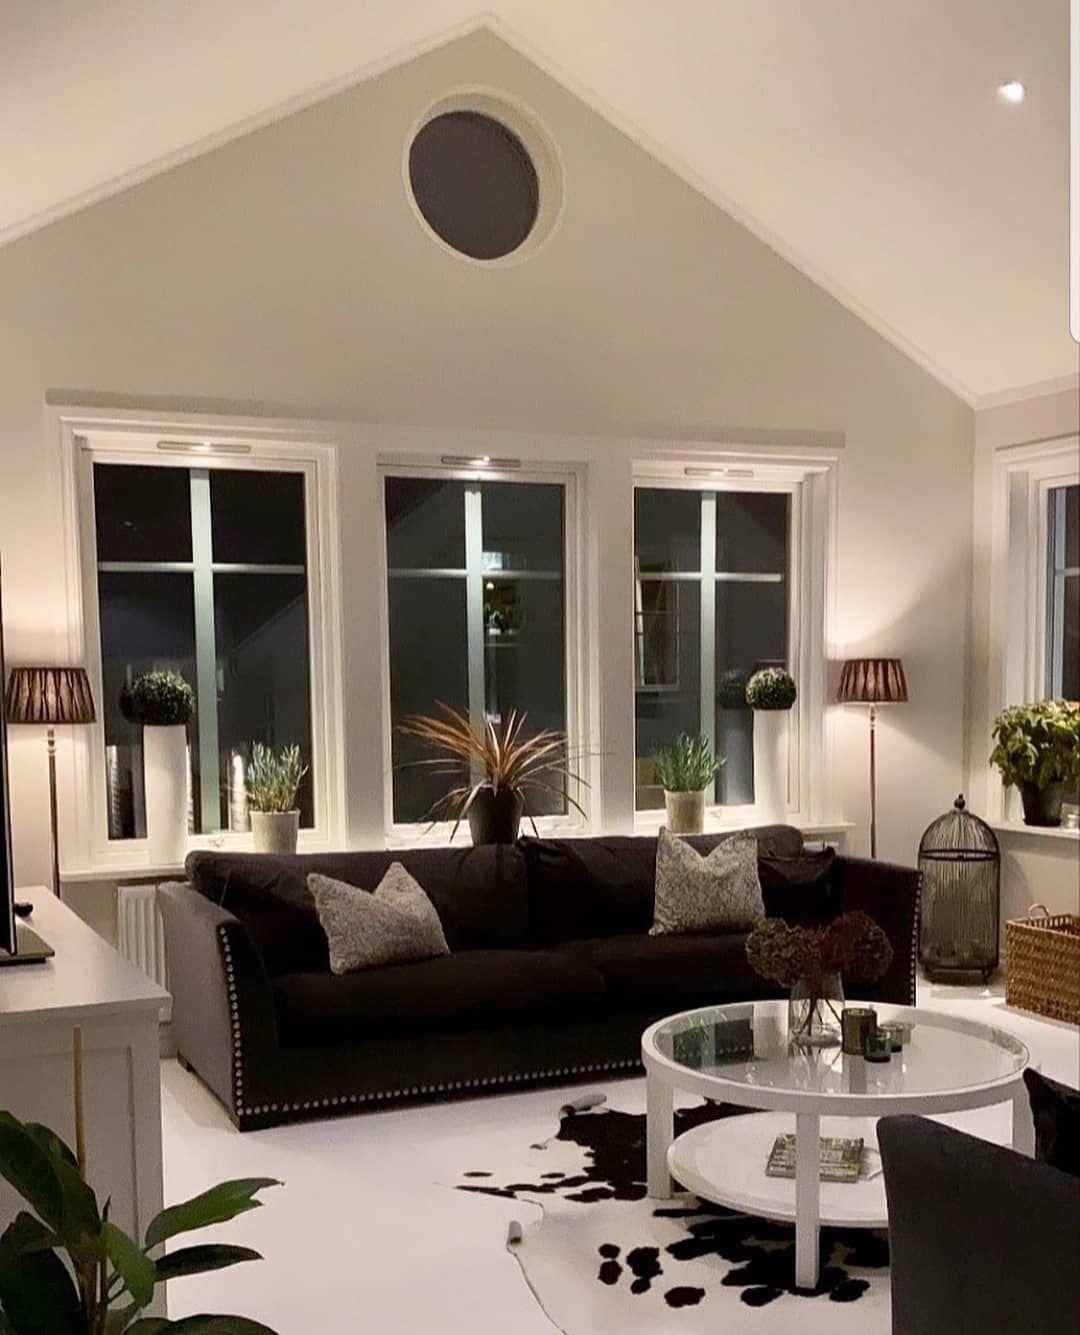 """𝗛𝗢𝗠𝗘 𝗗𝗘𝗦𝗜𝗚𝗡 on Instagram: """"Credits 📷 @interiorby_tannie #interiorinspo #interior #interior4all #decor #home_design68"""""""